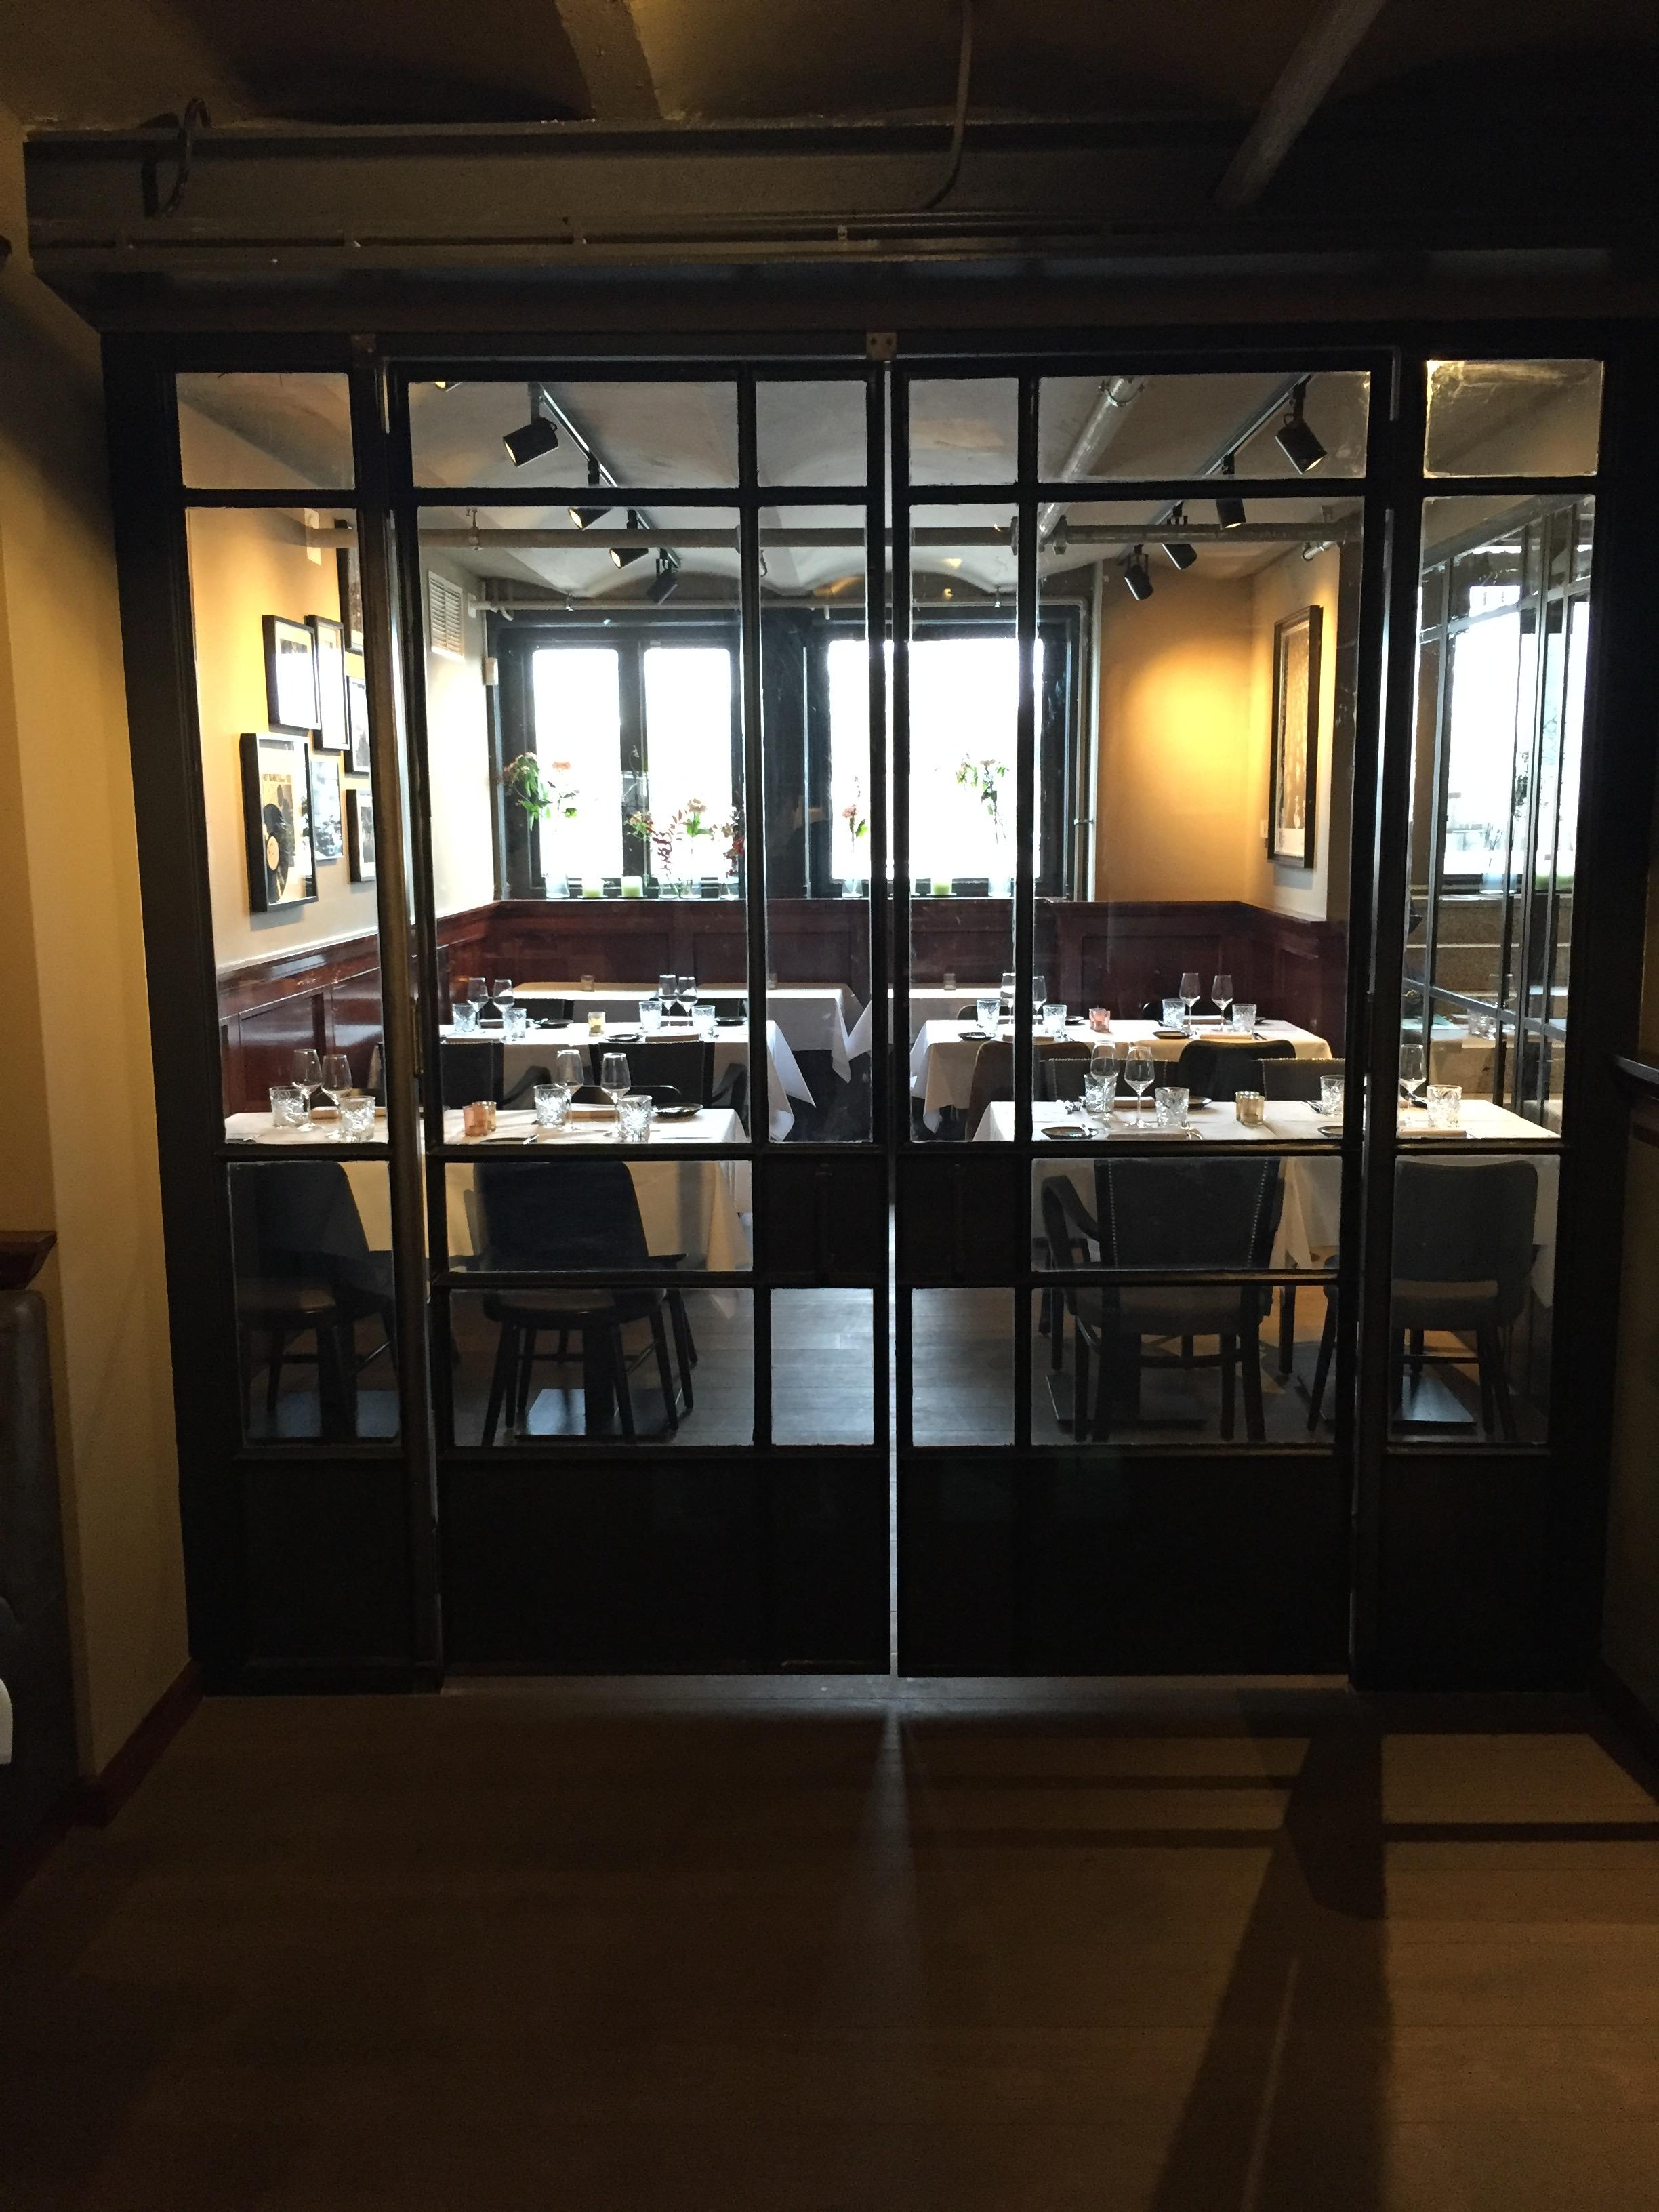 Staal verwerkt in interieur hotel new york zador for Interieur new york